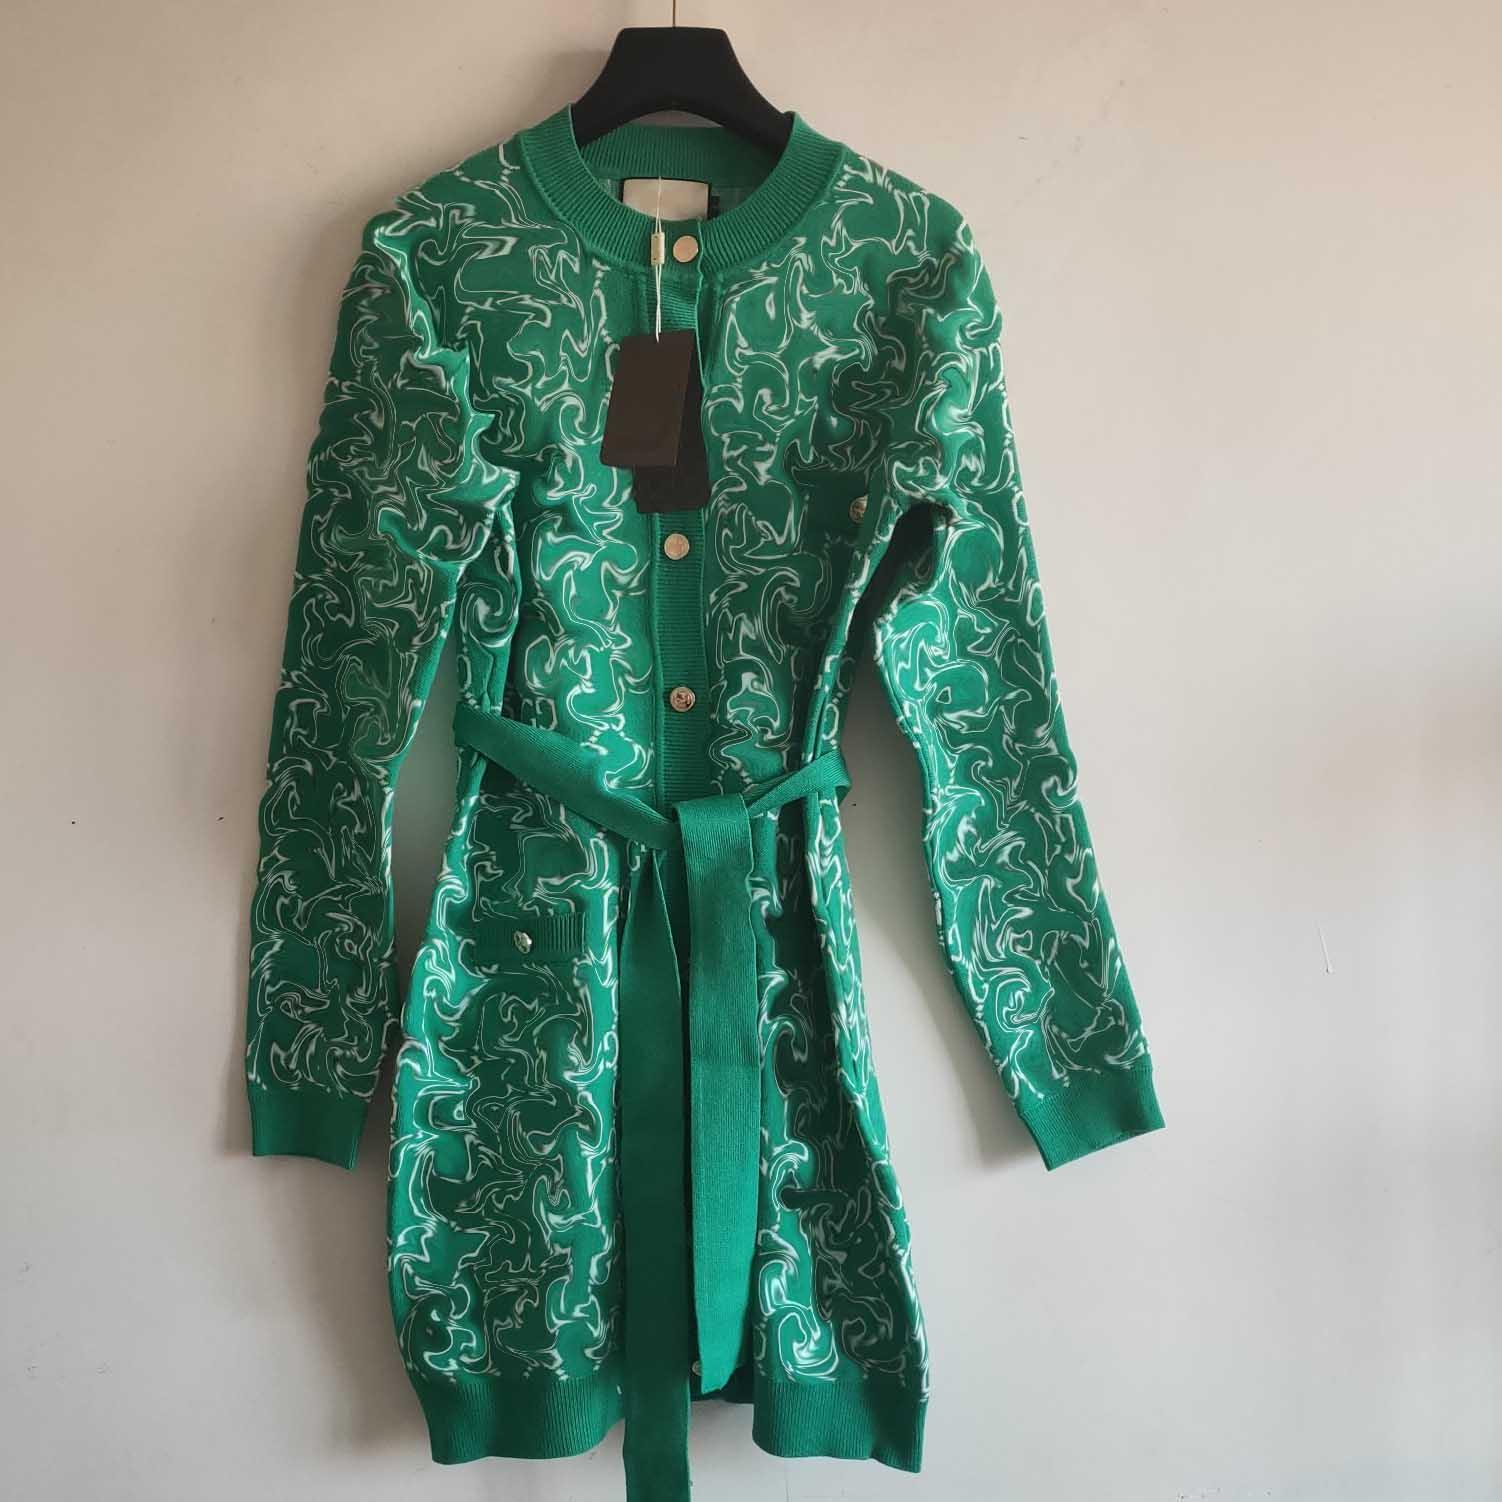 Womens Classic Cardigan Ladys maglioni lunghi delle donne Lettera casuale di stile della stampa vestiti lunghi Maglione 2020 nuovo di modo Primavera Autunno